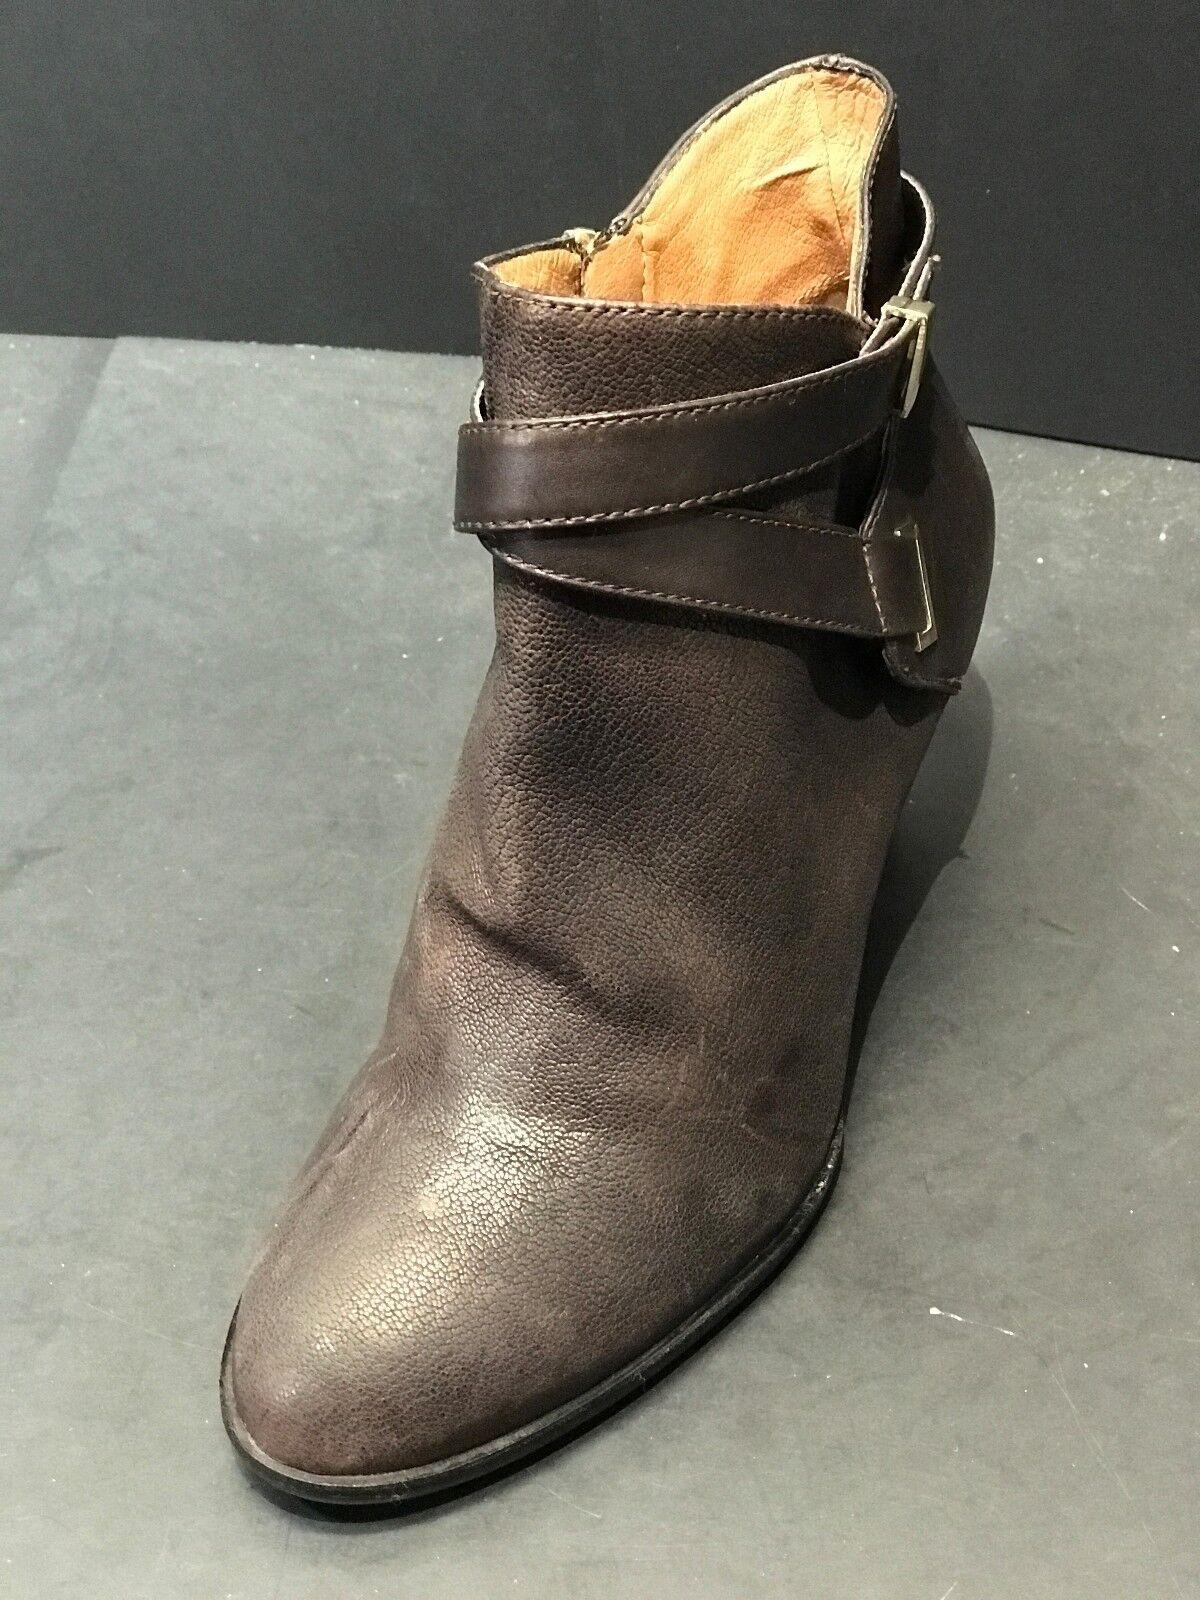 grandi offerte Louise Et Cie Ranier Dark Marrone Leather Ankle avvioies avvioies avvioies Donna  Dimensione 9.5 M New  promozioni eccitanti